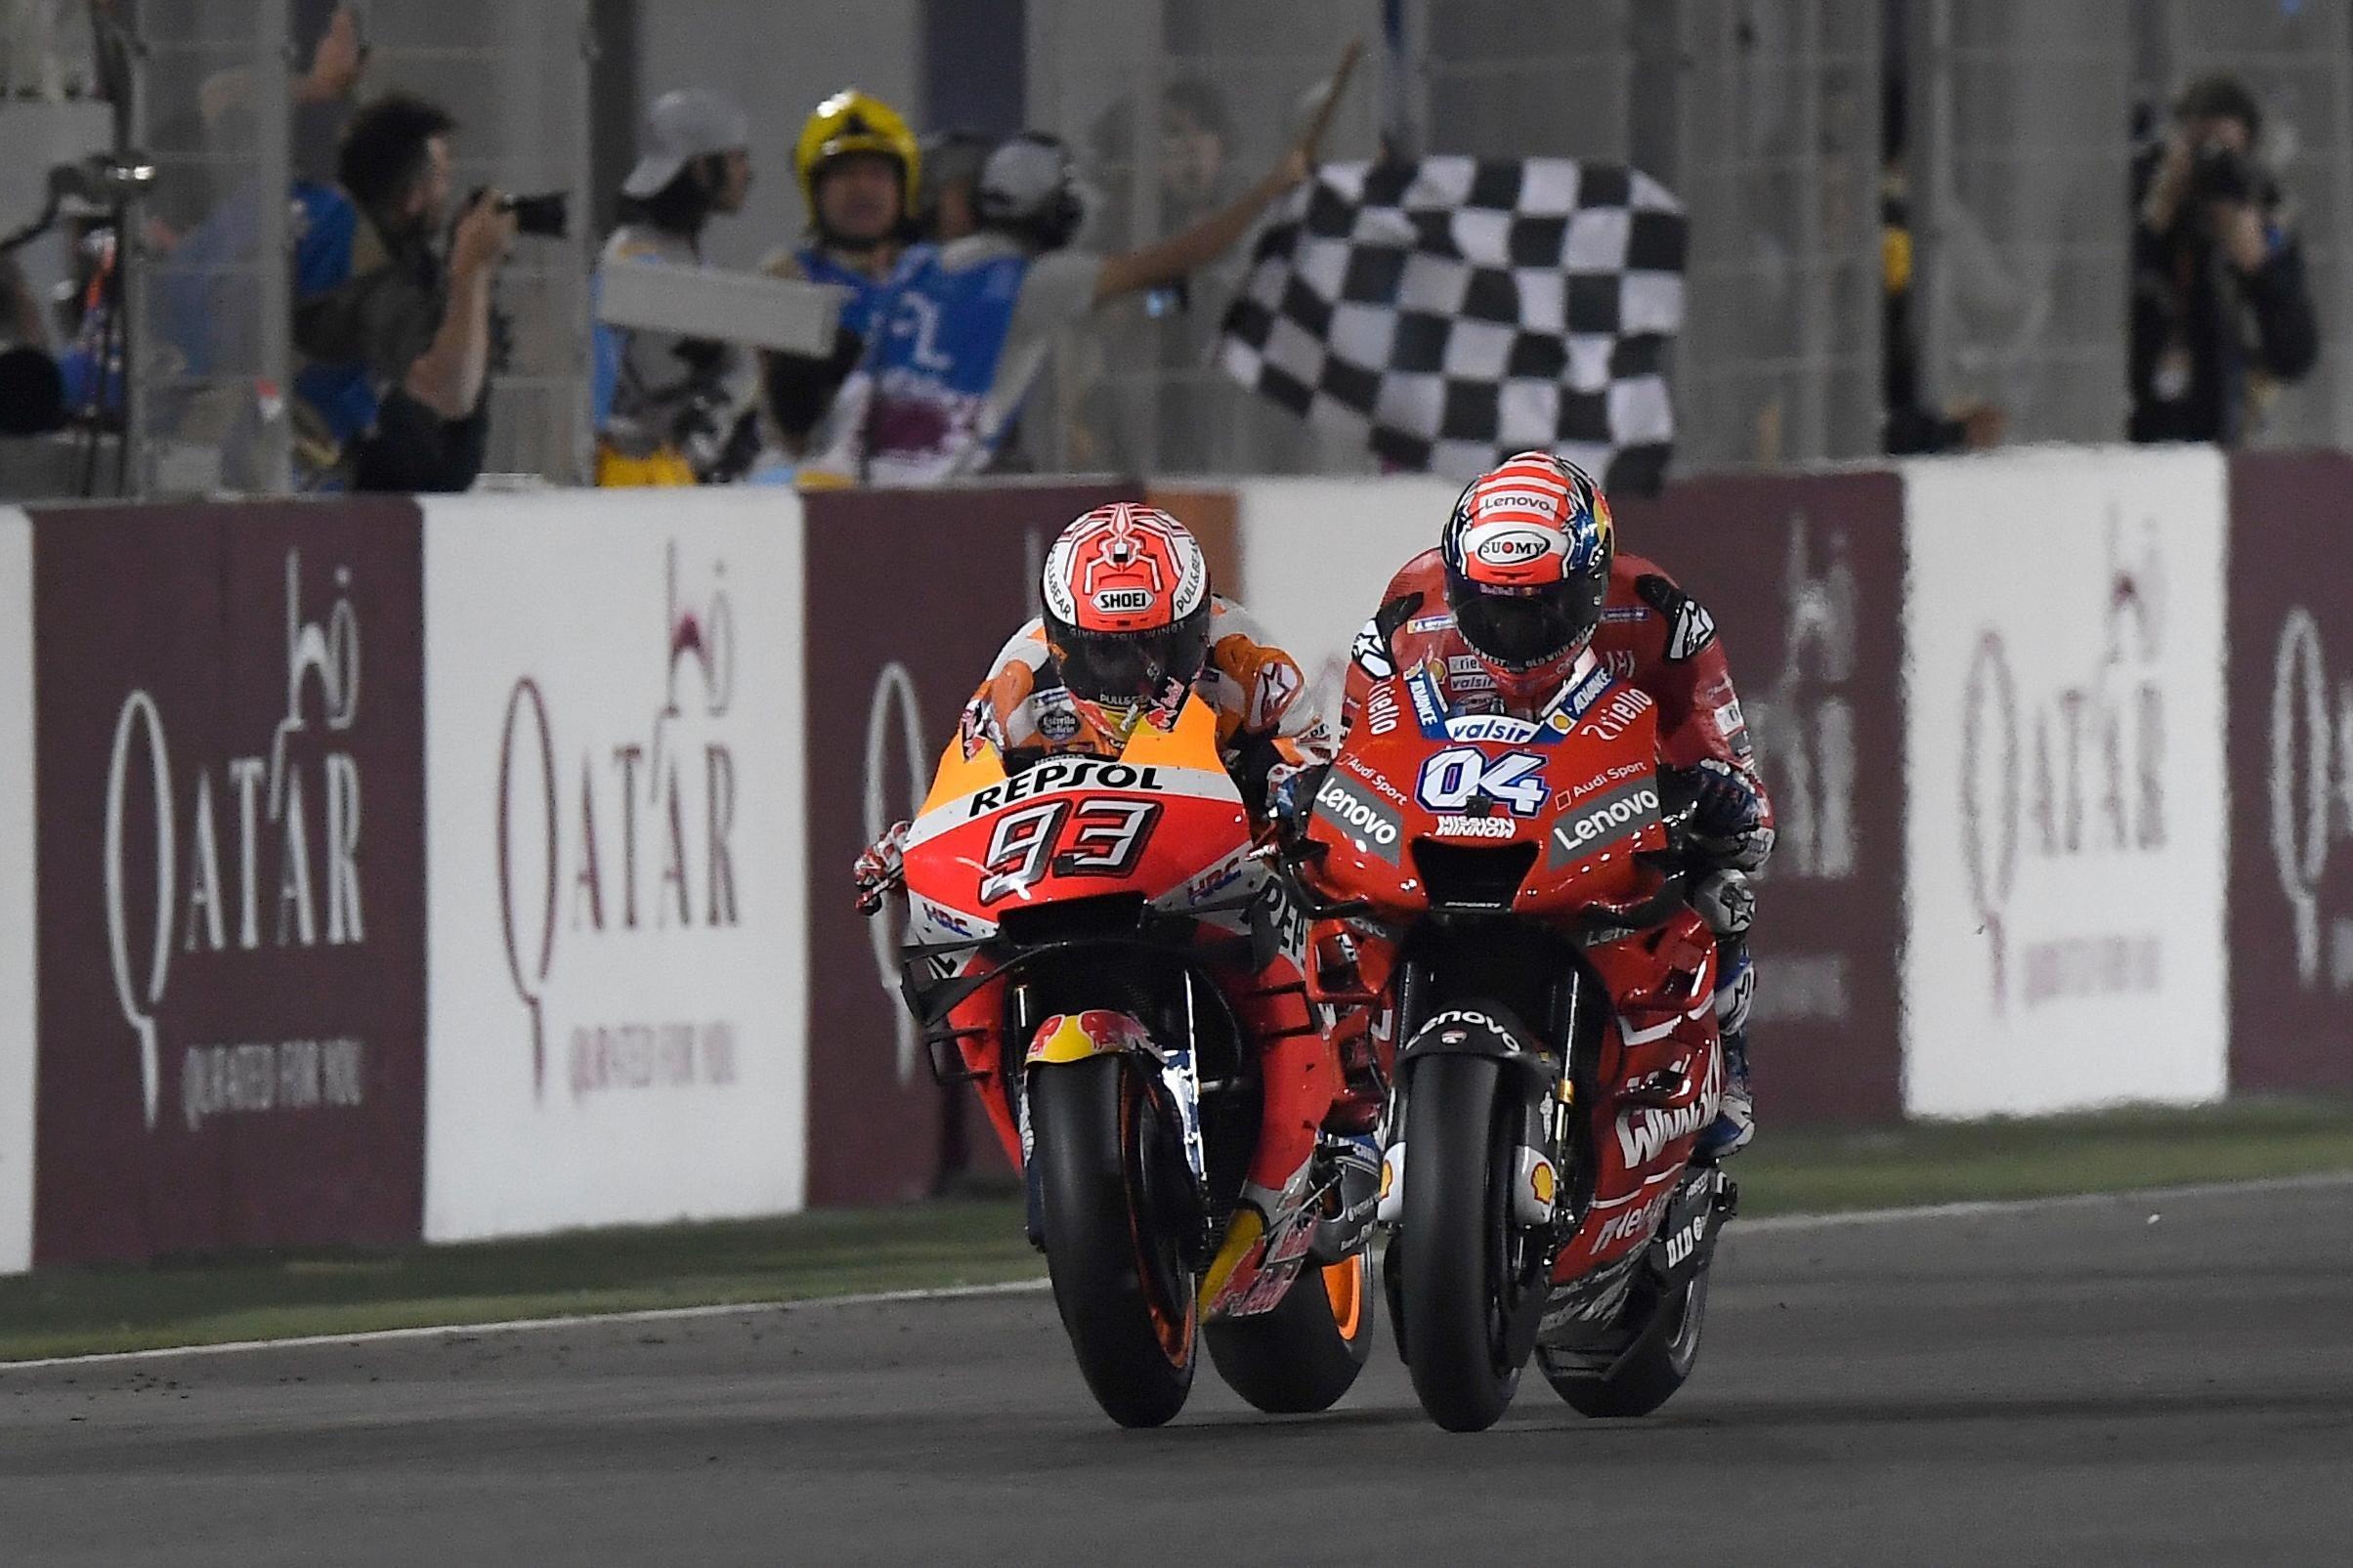 Dovizioso compie 33 anni, programmazione dedicata su Sky Sport MotoGP